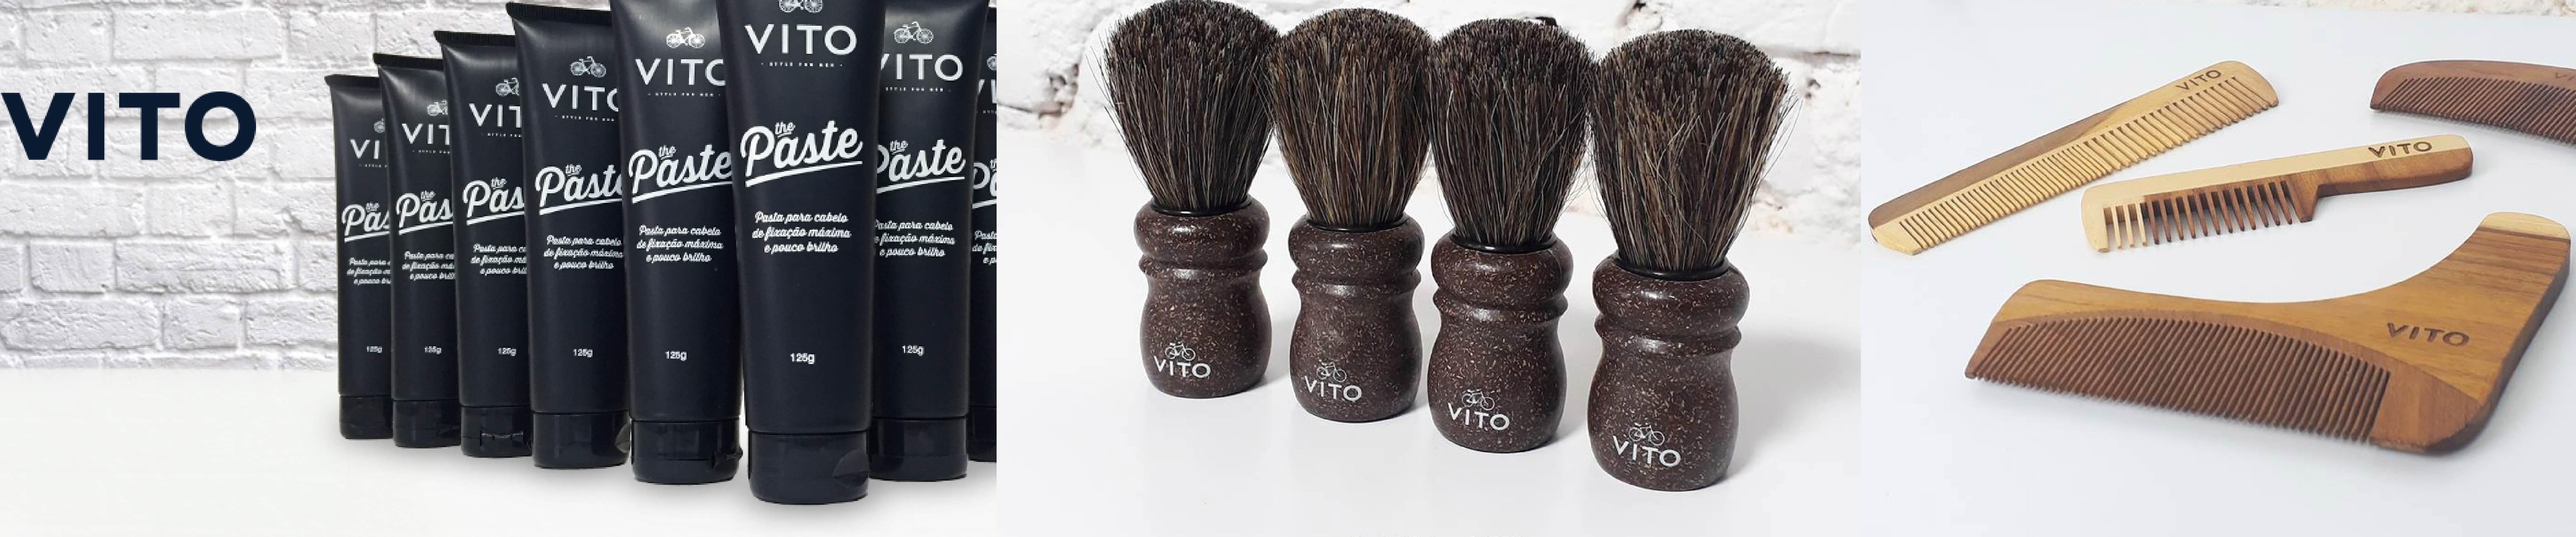 Vito 2